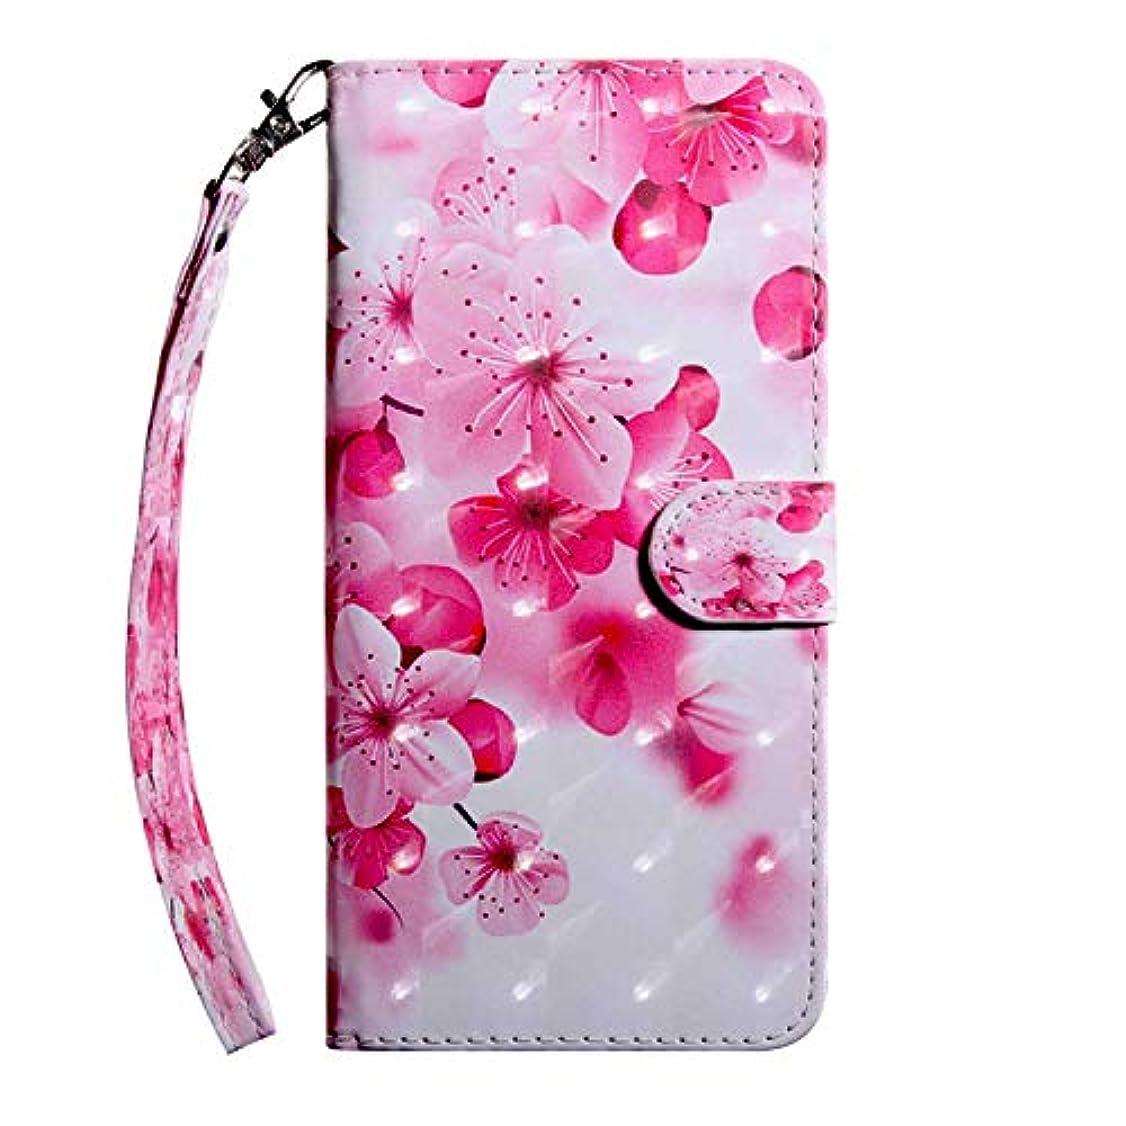 役立つ麺先入観CUSKING Sony Xperia XA2 ケース 手帳型 財布型カバー Sony Xperia XA2 スマホカバー 磁気バックル カード収納 スタンド機能 エクスペリア レザーケース –さくら